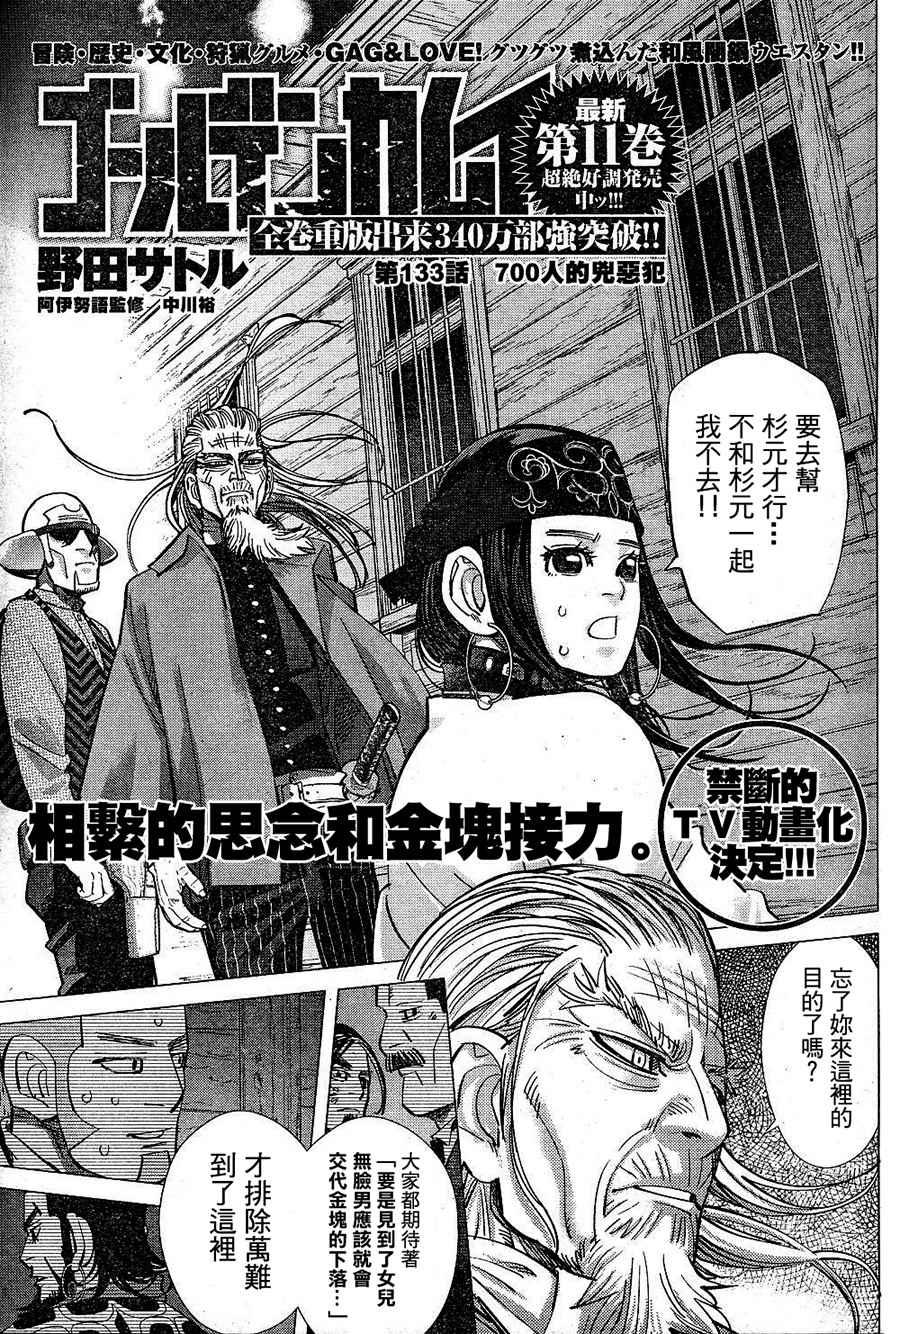 黃金神威漫畫133話(第1頁)_黃金神威133話劇情-看漫畫